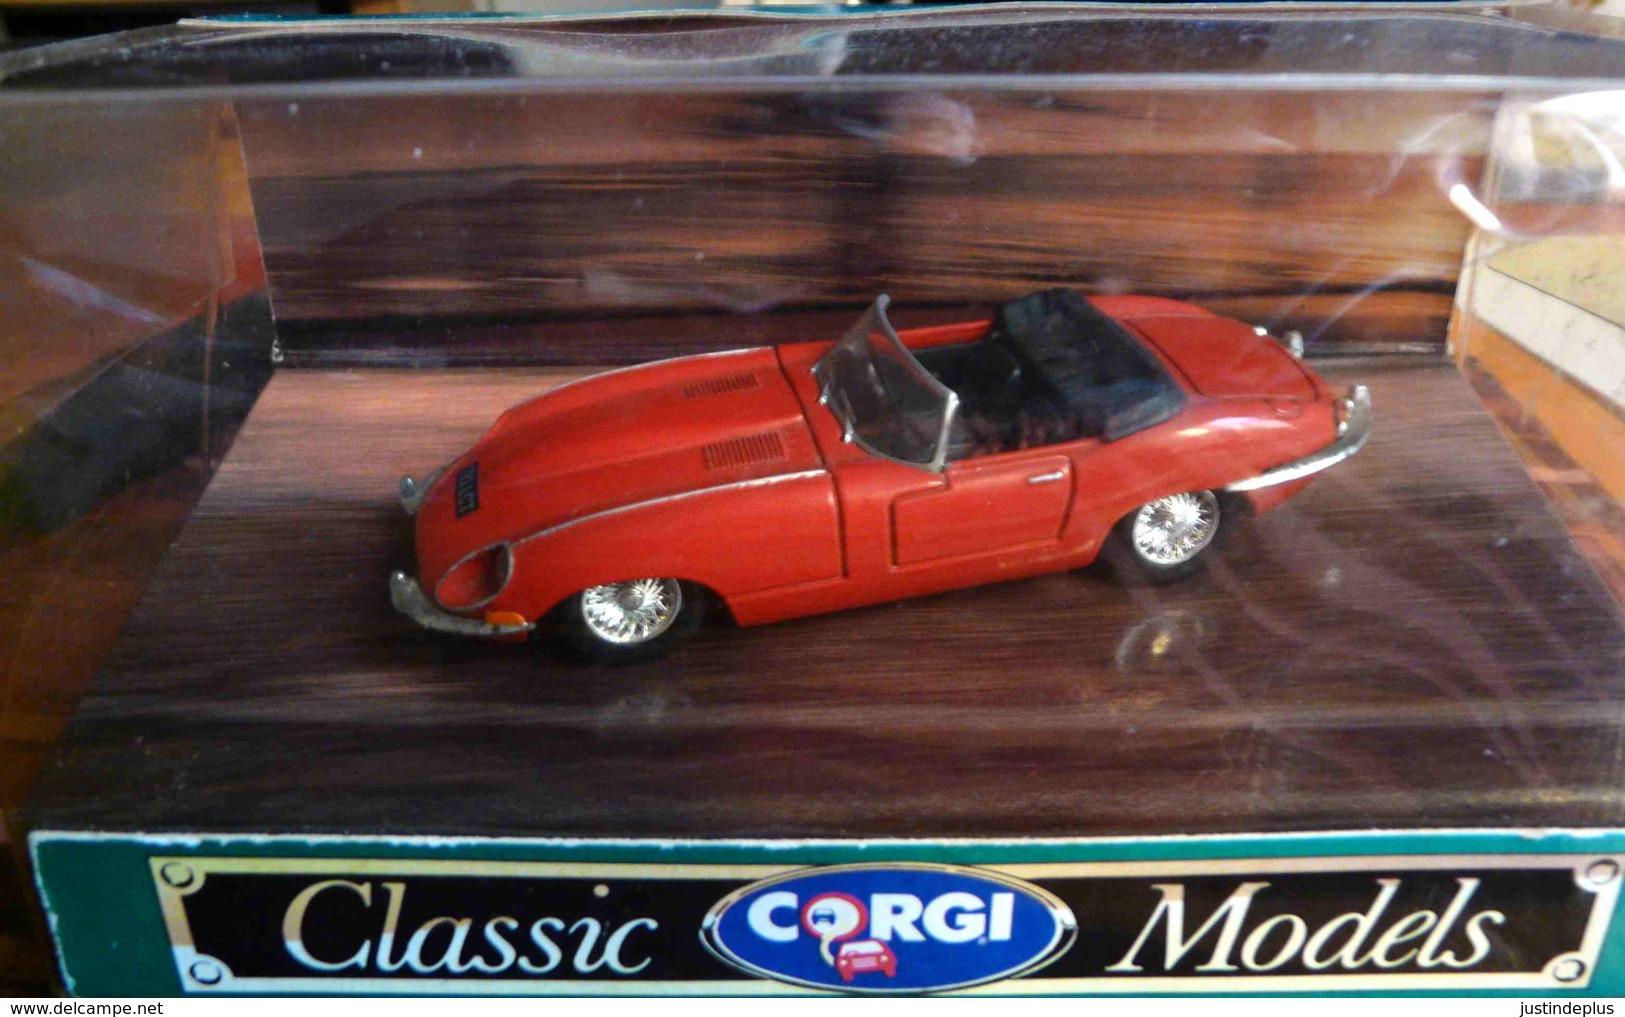 JAGUAR TYPE E OPEN TOP N°96080 CLASSIC CORGI MODEL - Corgi Toys